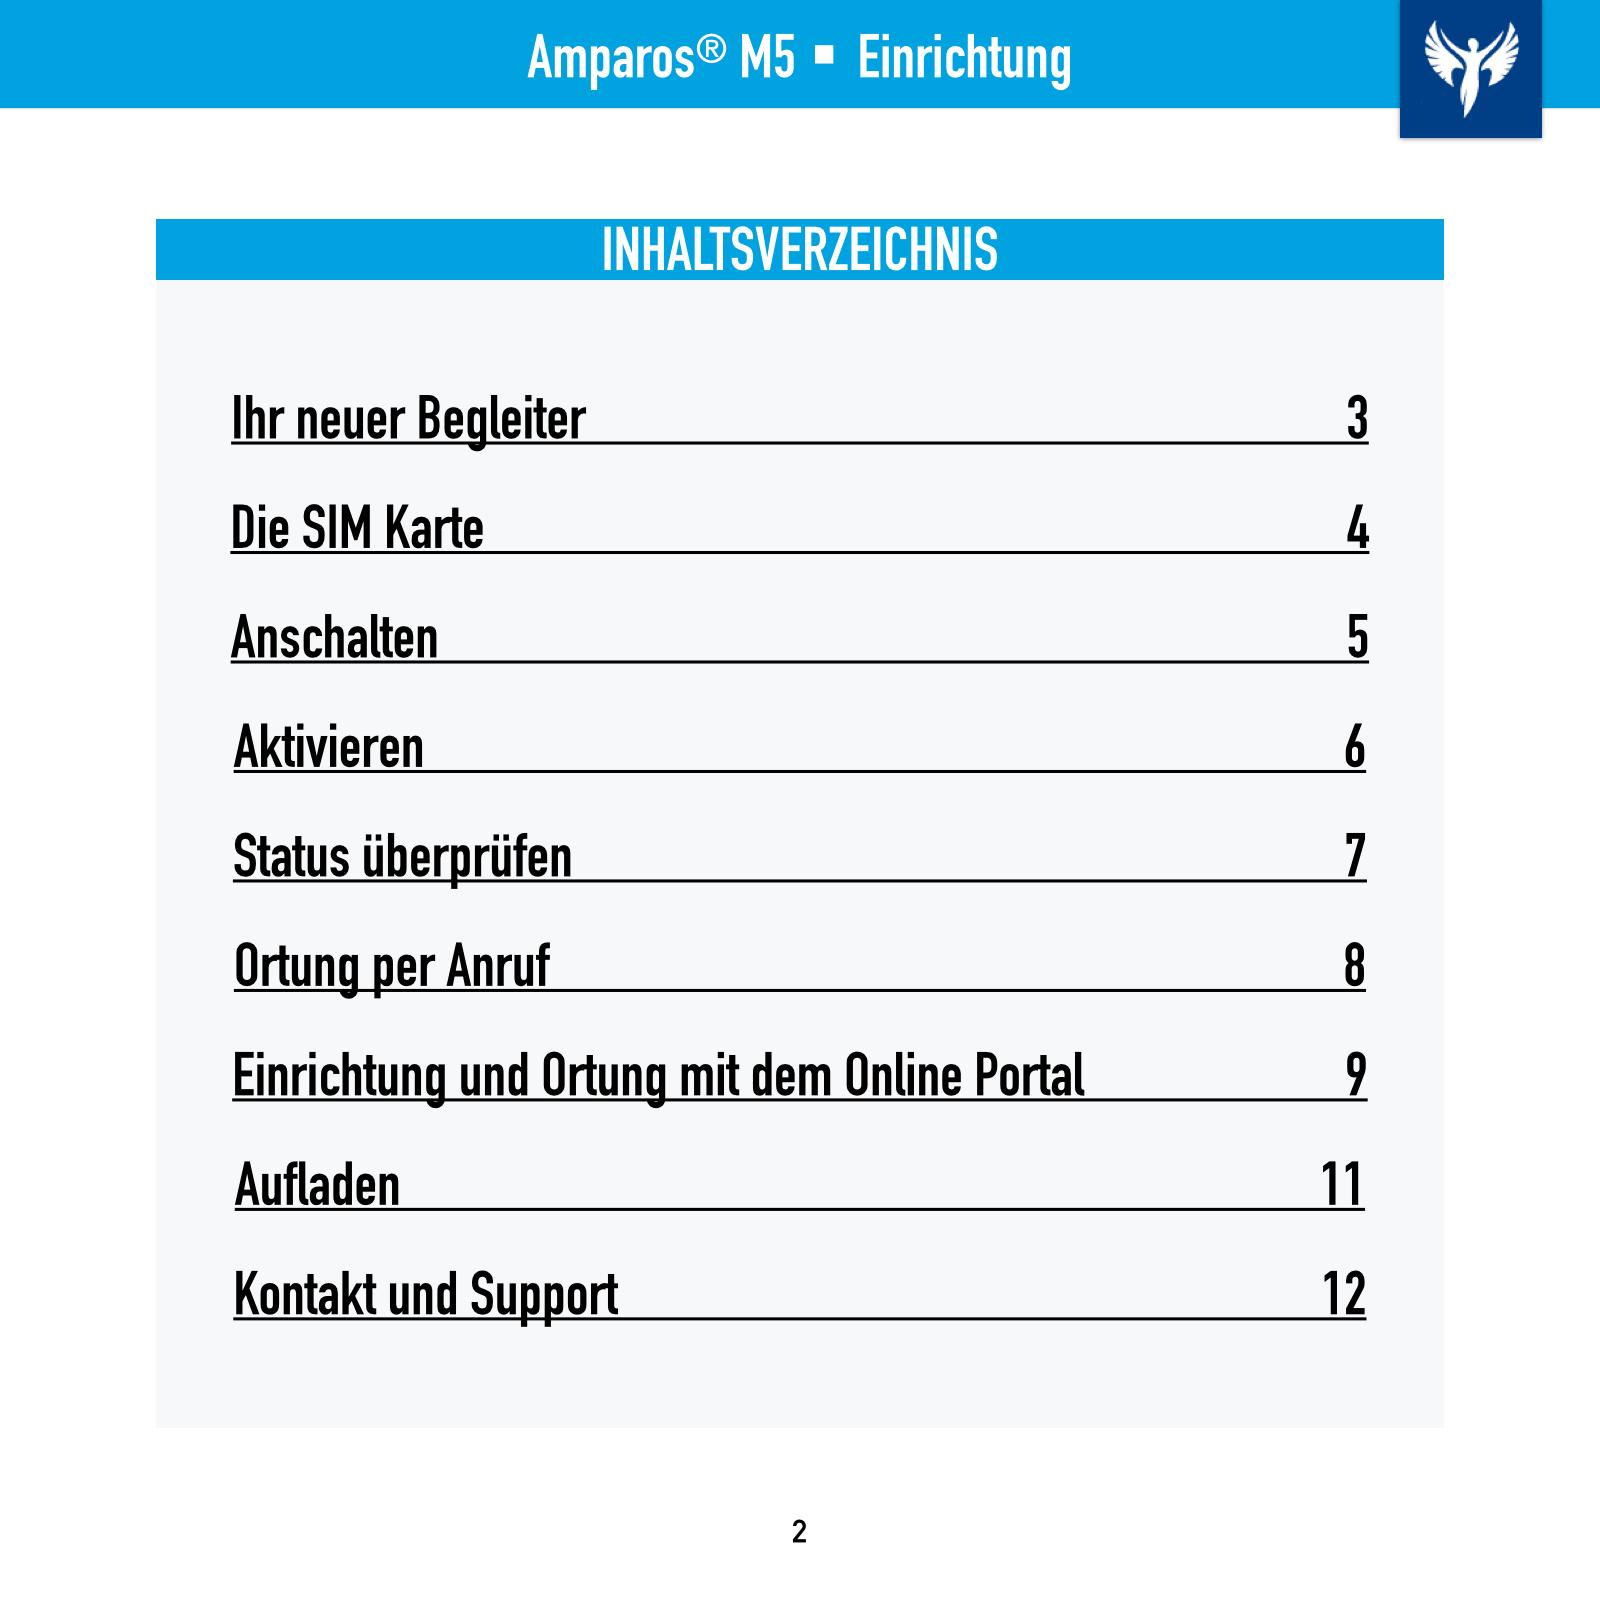 Amparos M5 Einrichtungshilfe